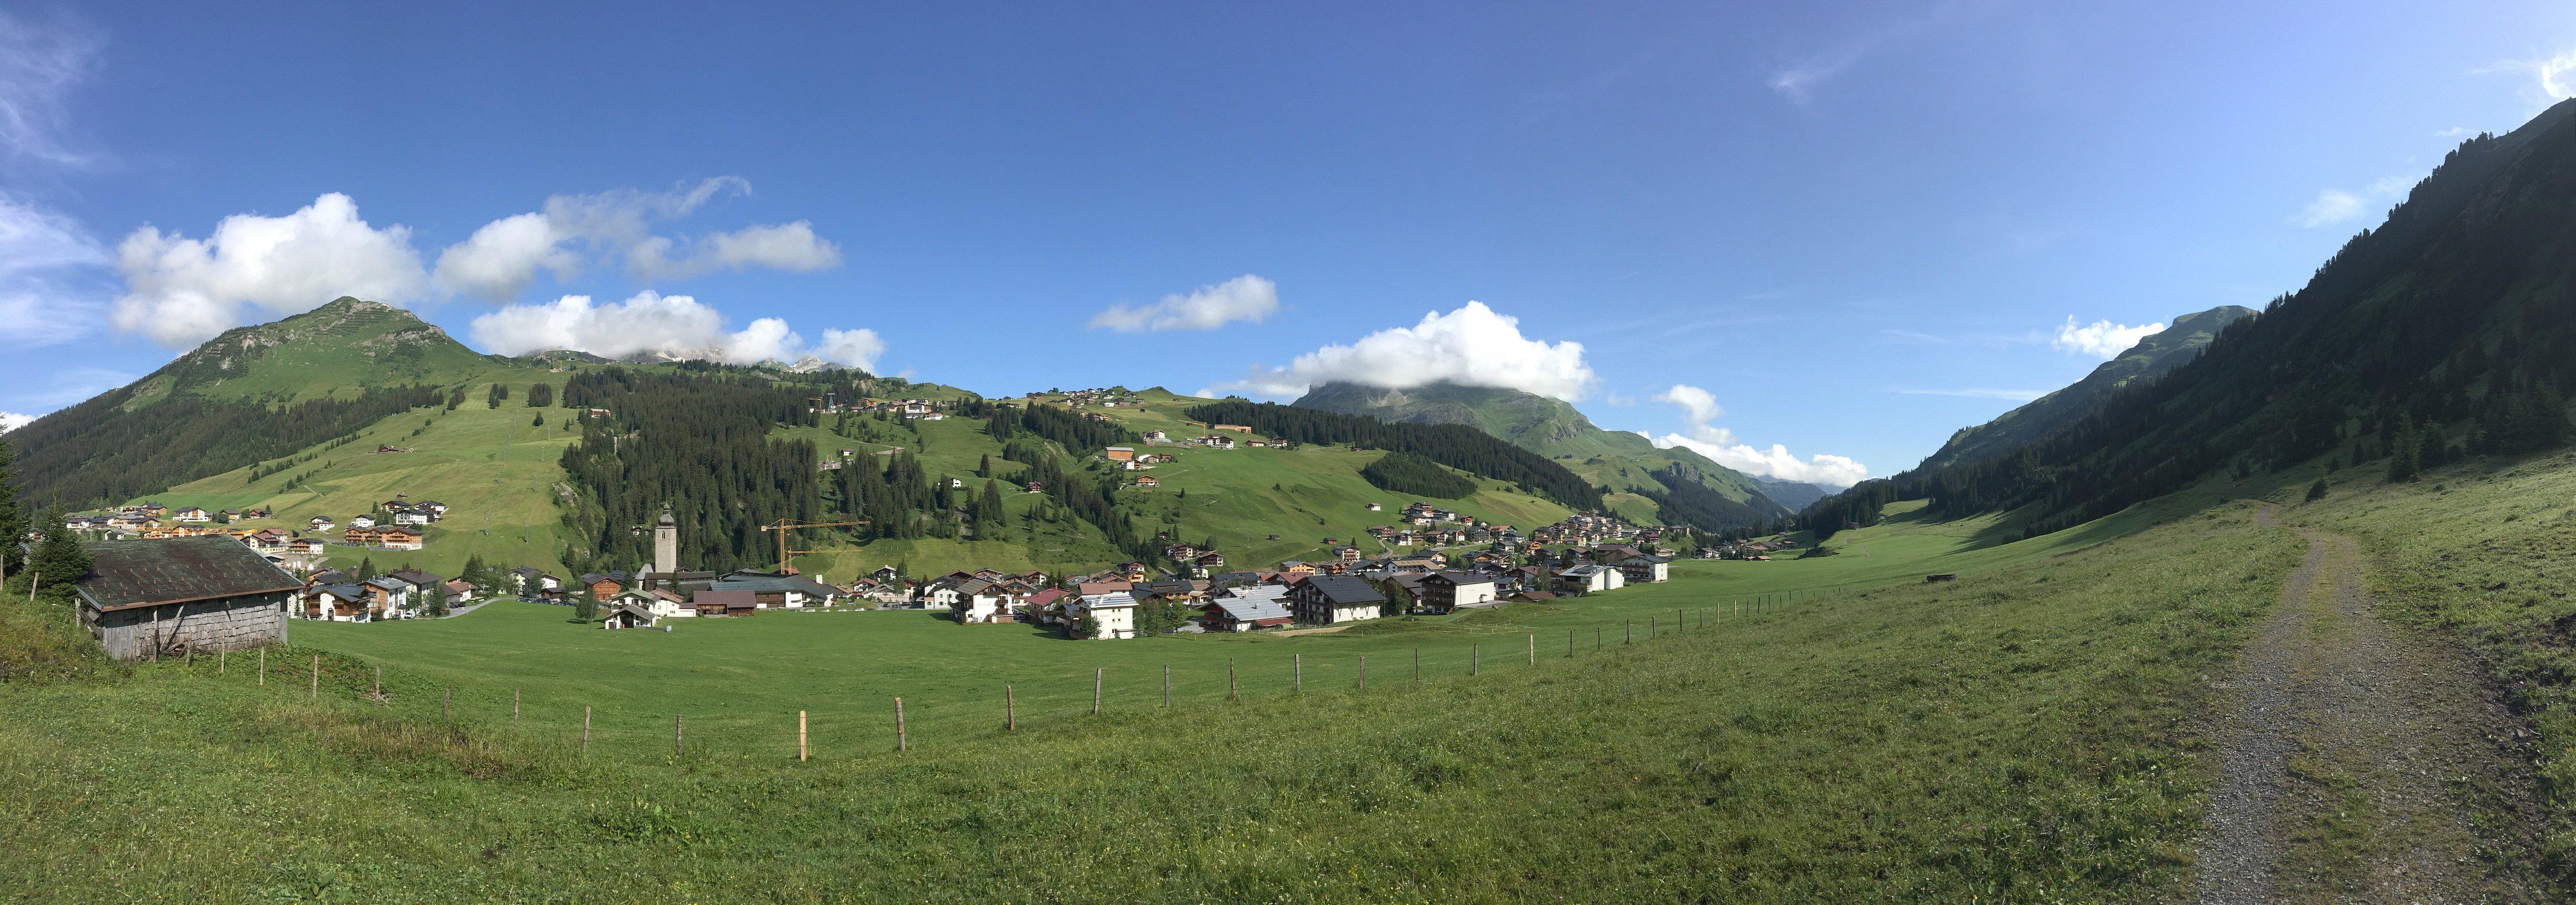 Panorama des vor mir liegenden Weges, oberhalb von Lech auf dem Lechweg